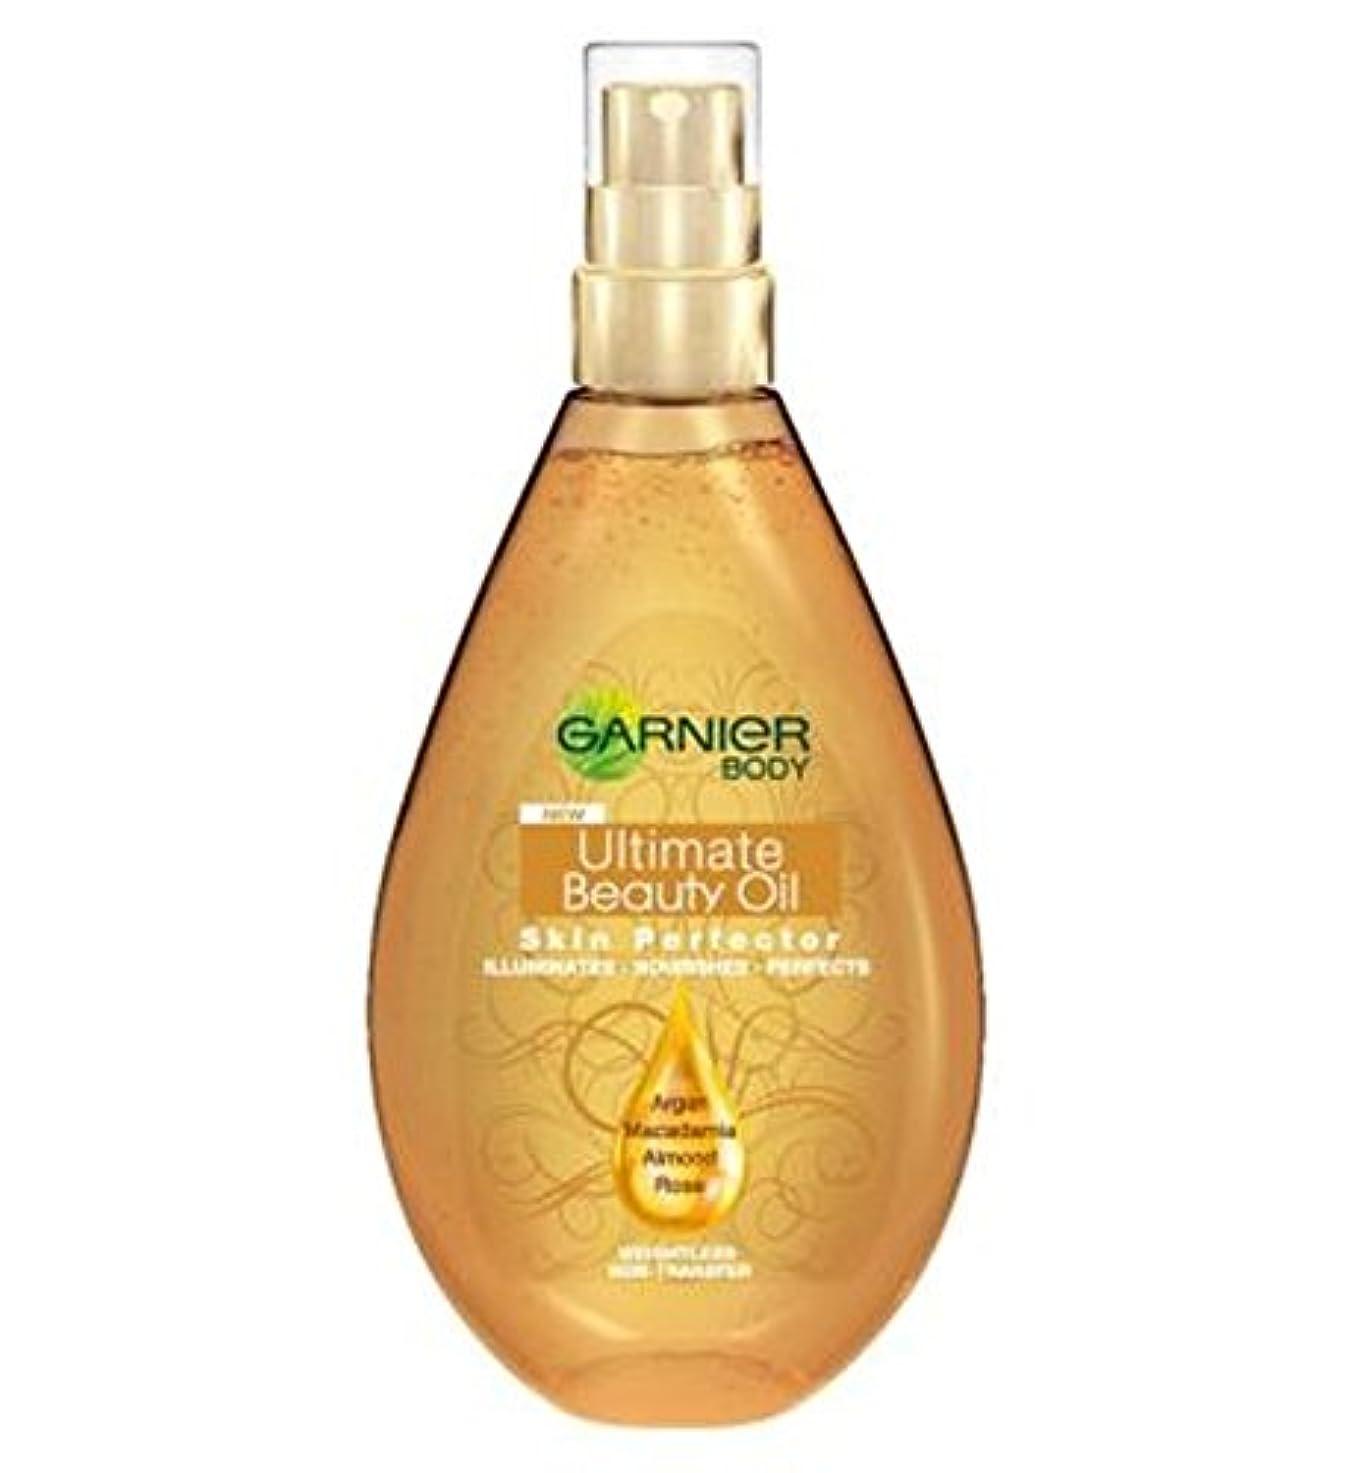 アルファベット願望服Garnier Ultimate Beauty Oil Skin Perfector 150ml - ガルニエ究極の美容オイルスキンパーフェクの150ミリリットル (Garnier) [並行輸入品]